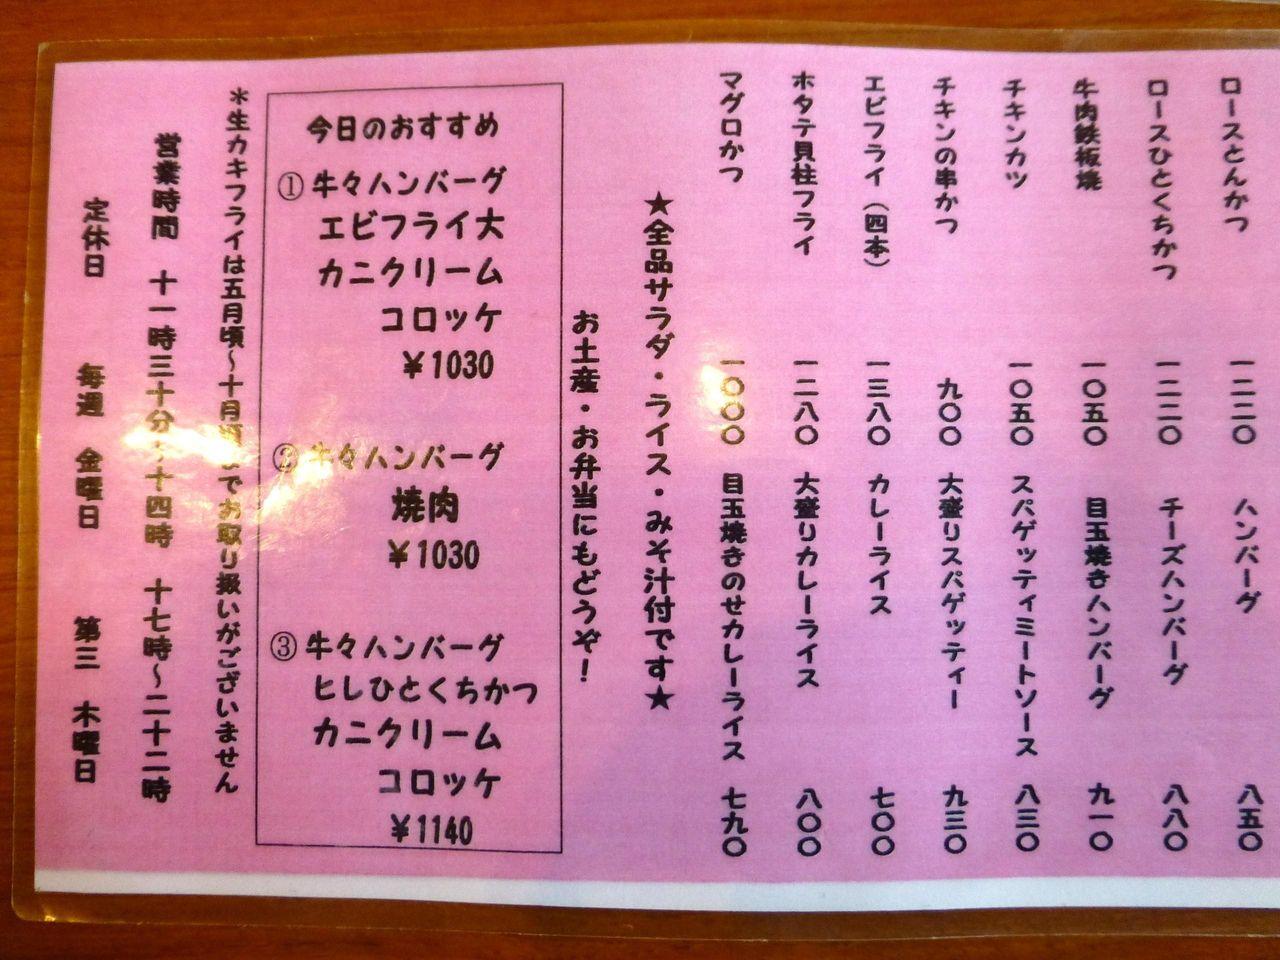 さんきちのメニュー(25年1月現在)